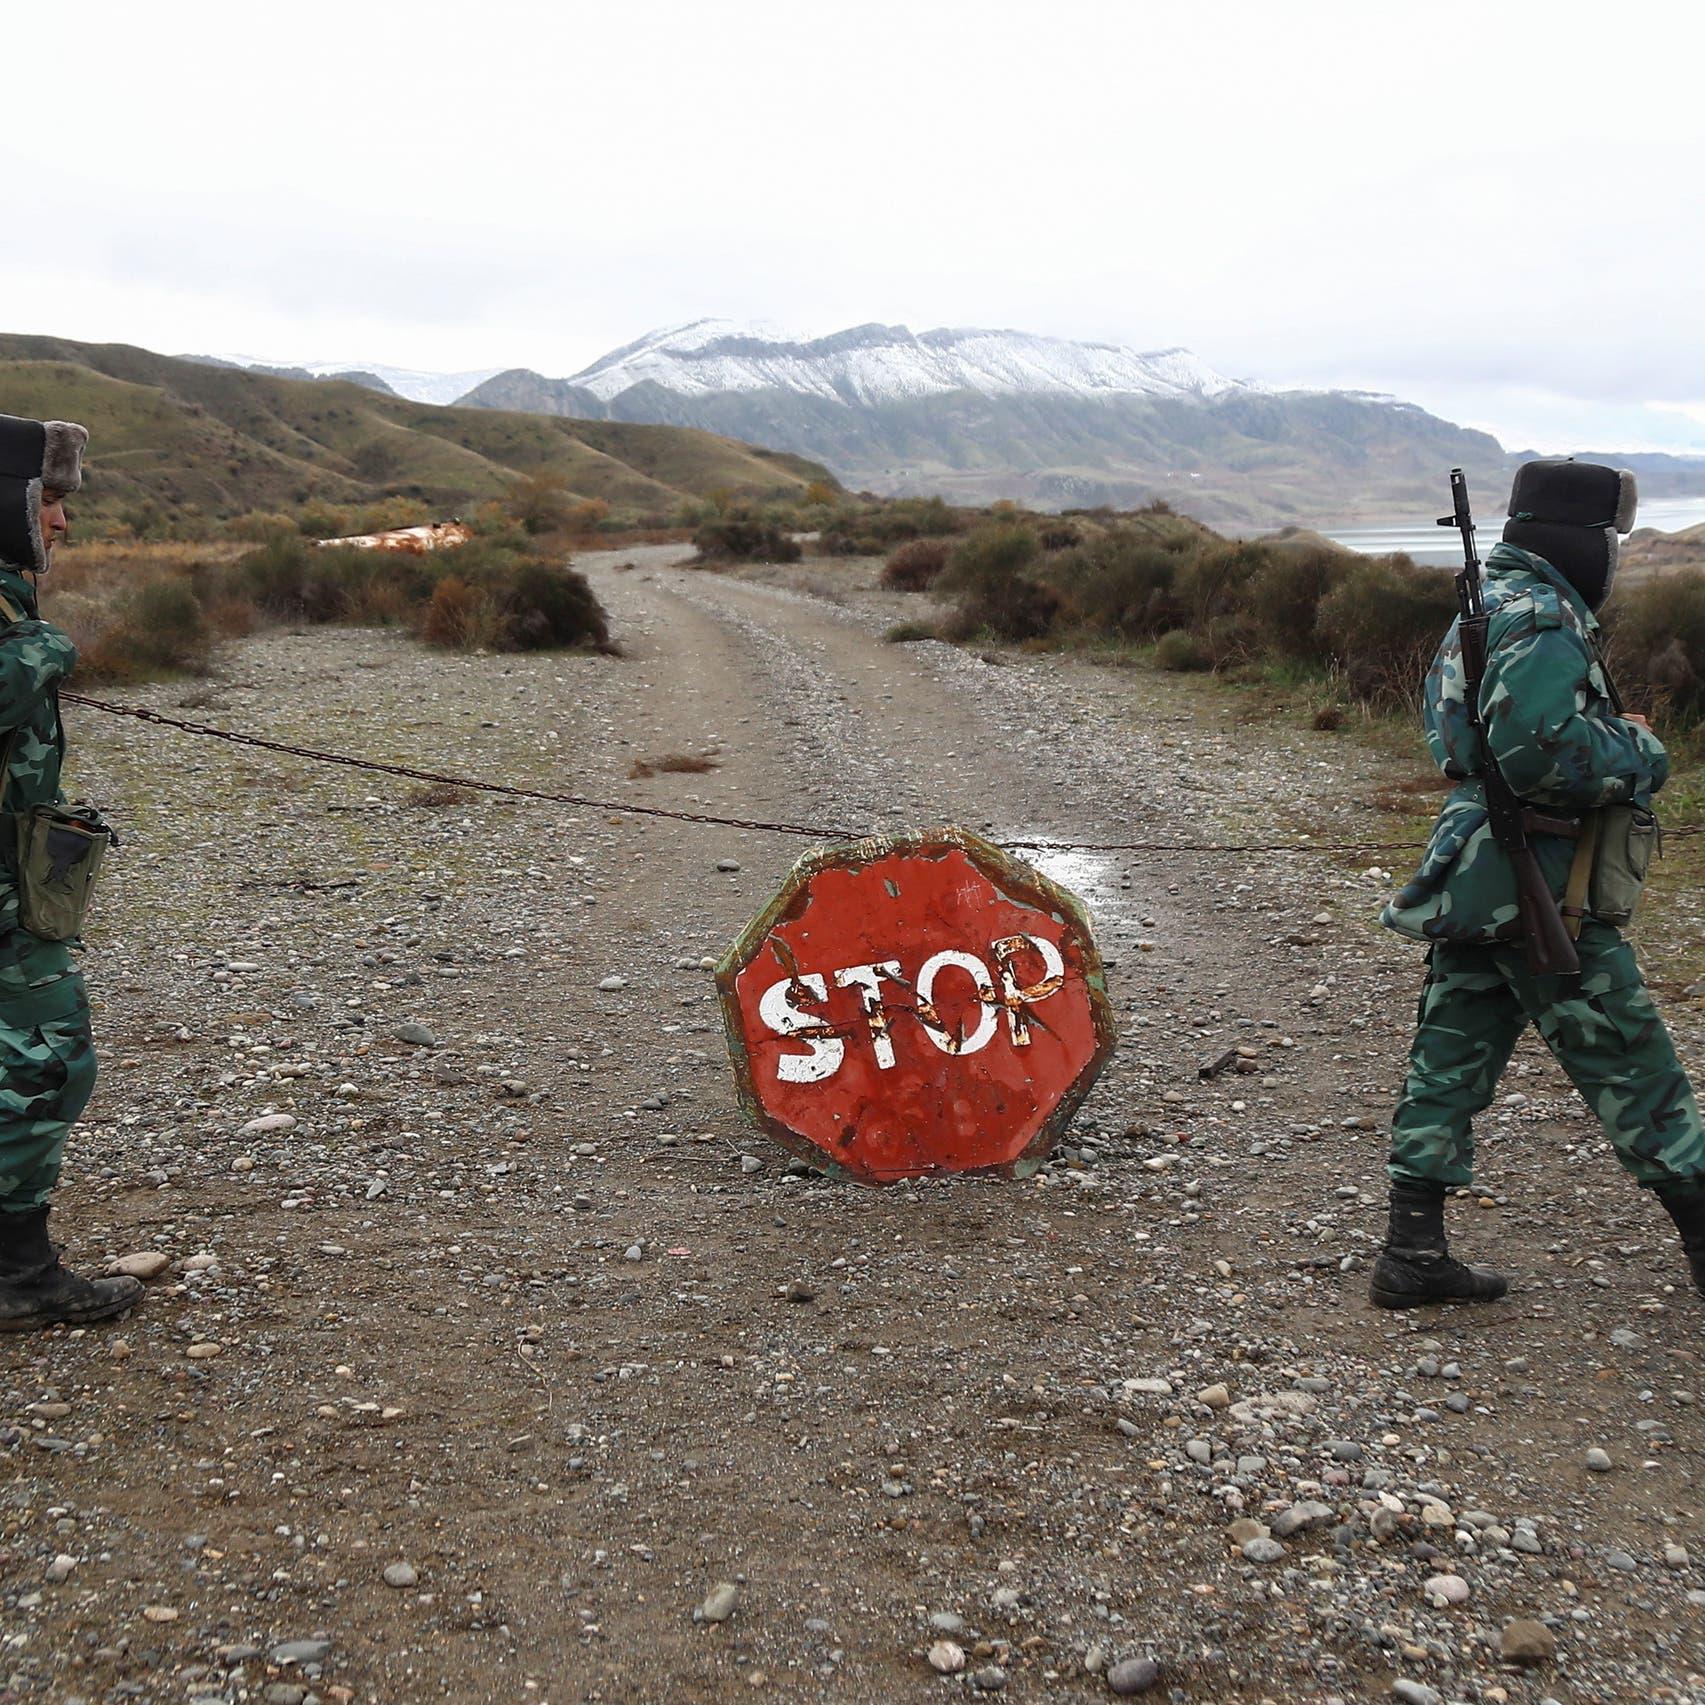 الأزمة تتوسع.. مناورات عسكرية تركية أذربيجانية قرب حدود إيران